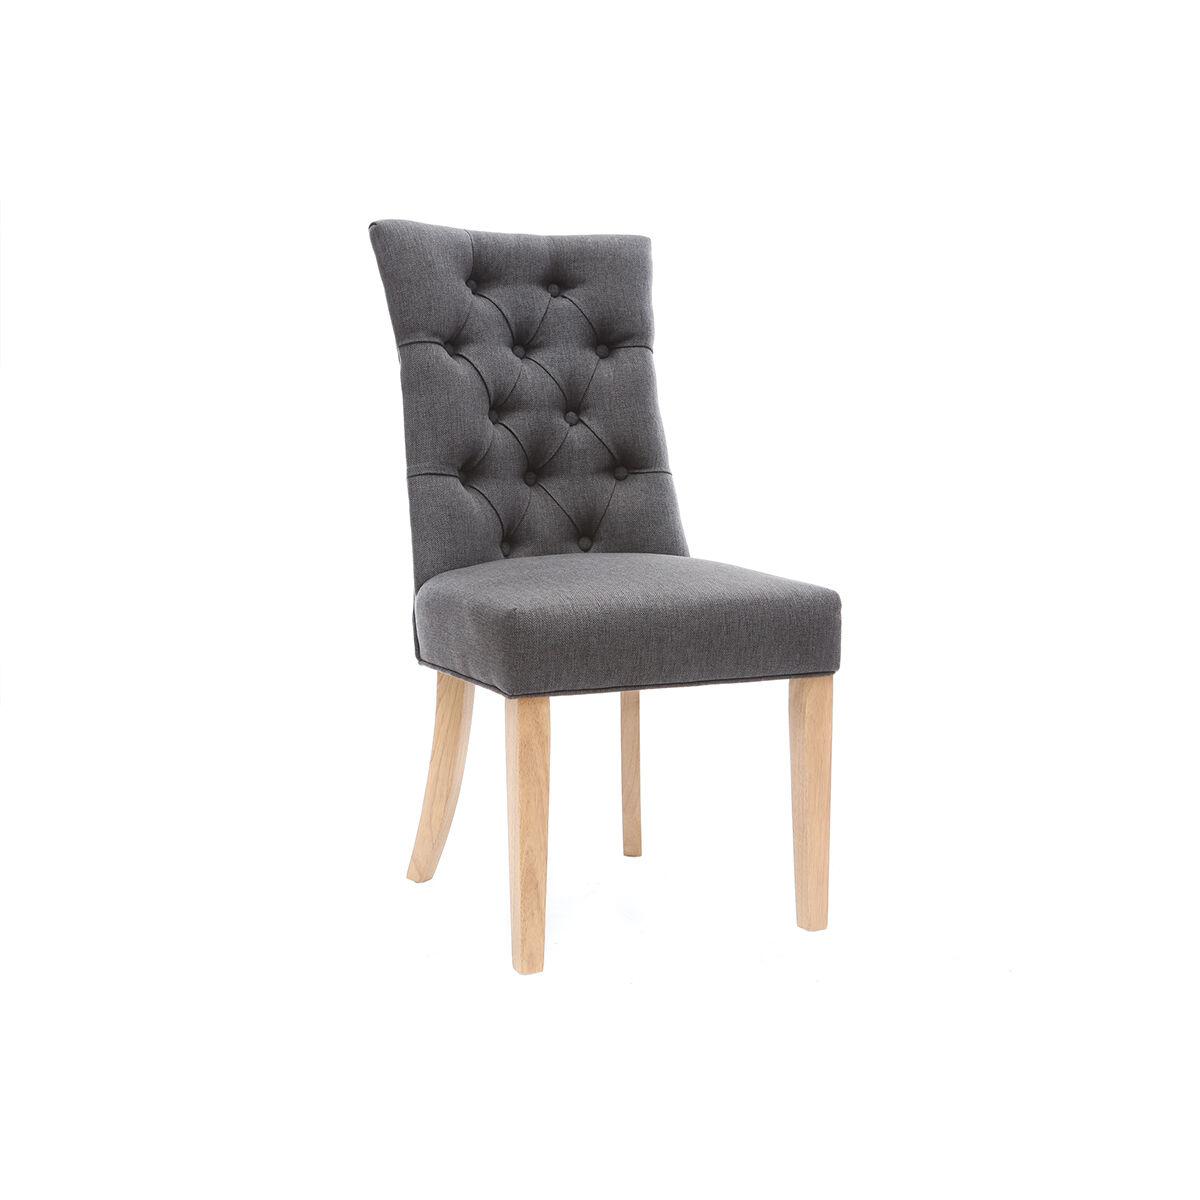 Miliboo Chaise classique en tissu gris foncé et bois clair VOLTAIRE